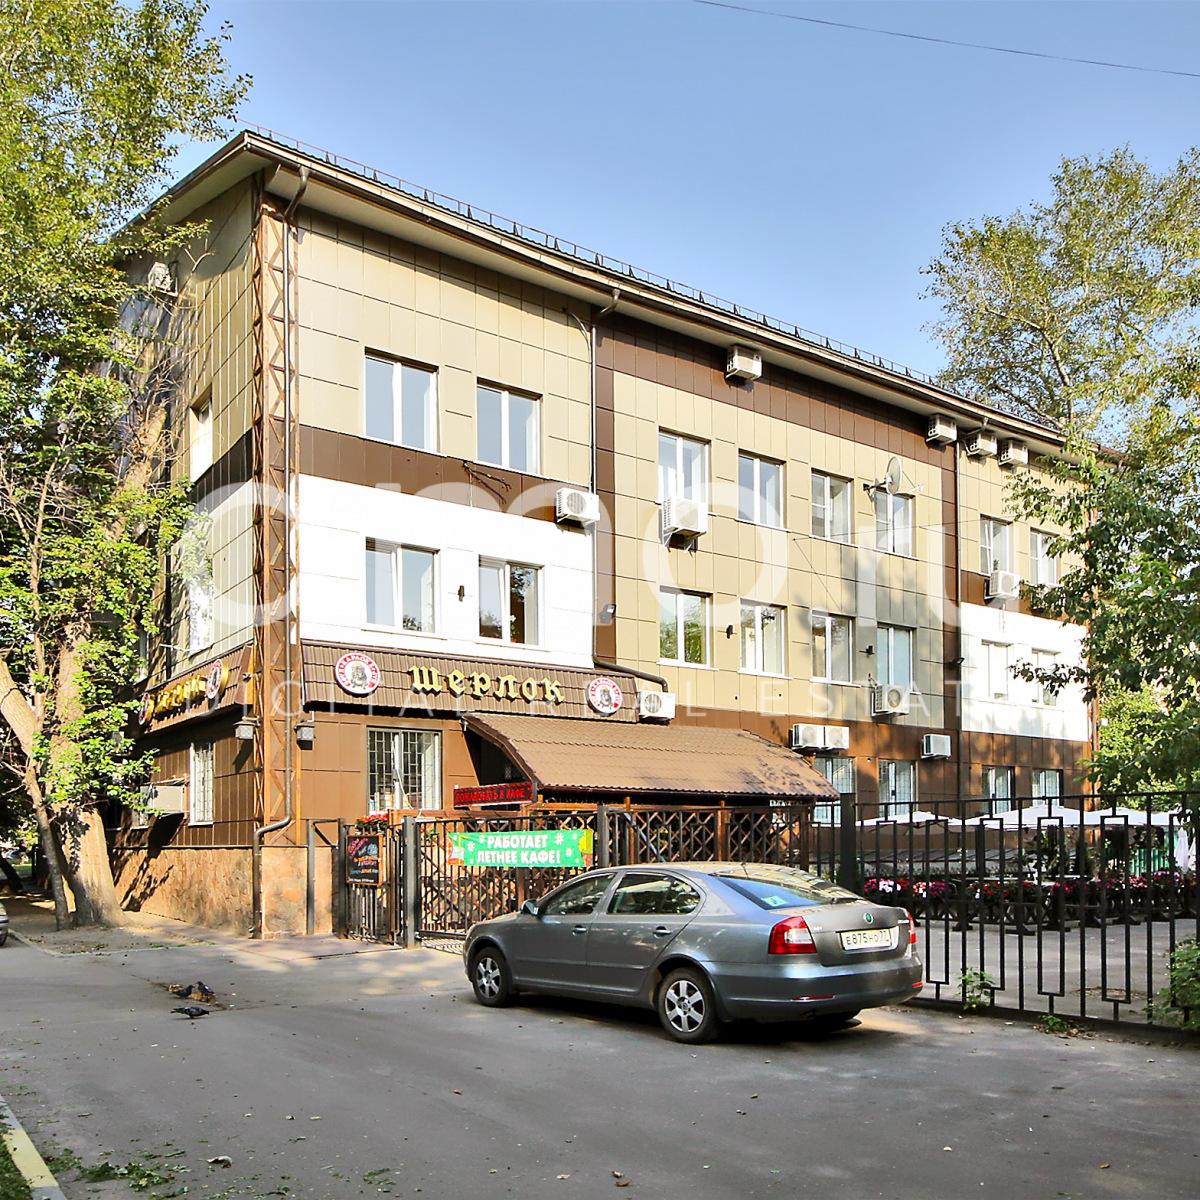 Аренда офиса ул госпитальная д.10 аренда офисов на ул.тверской 18 кор 1 в известиях